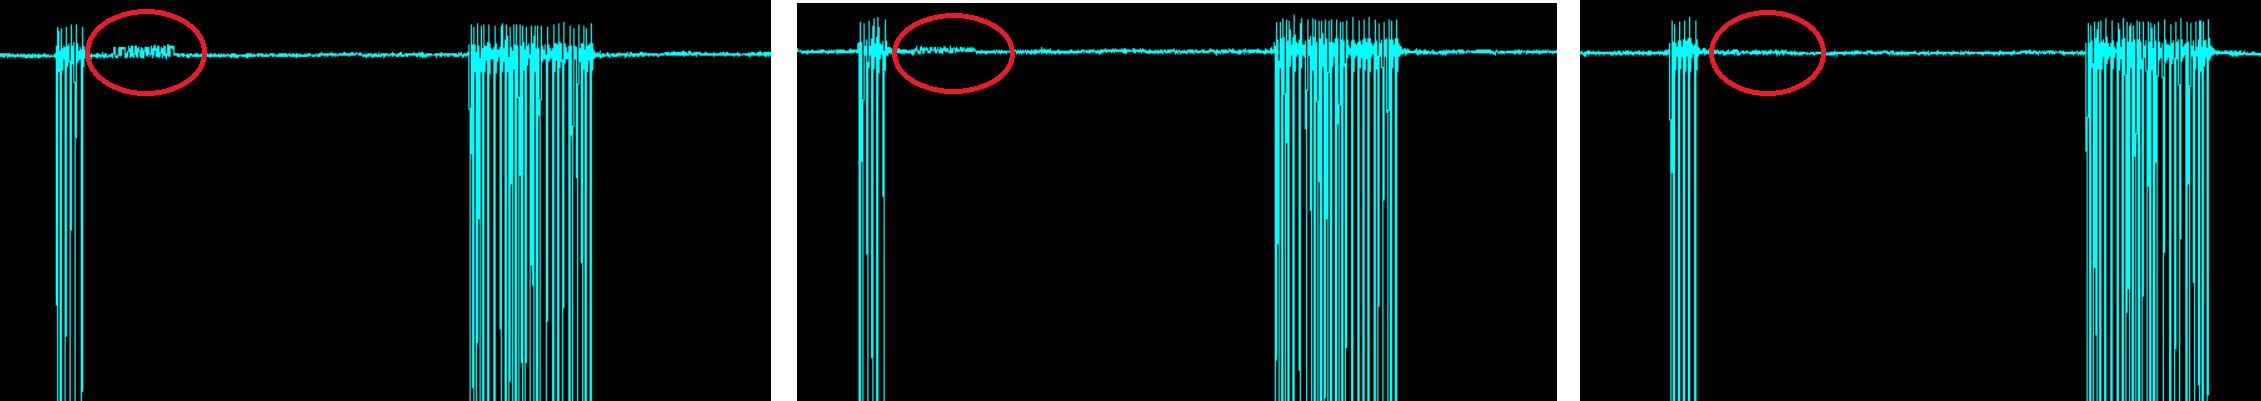 Принимаем и анализируем радиосигнал платежного терминала с помощью SDR - 8